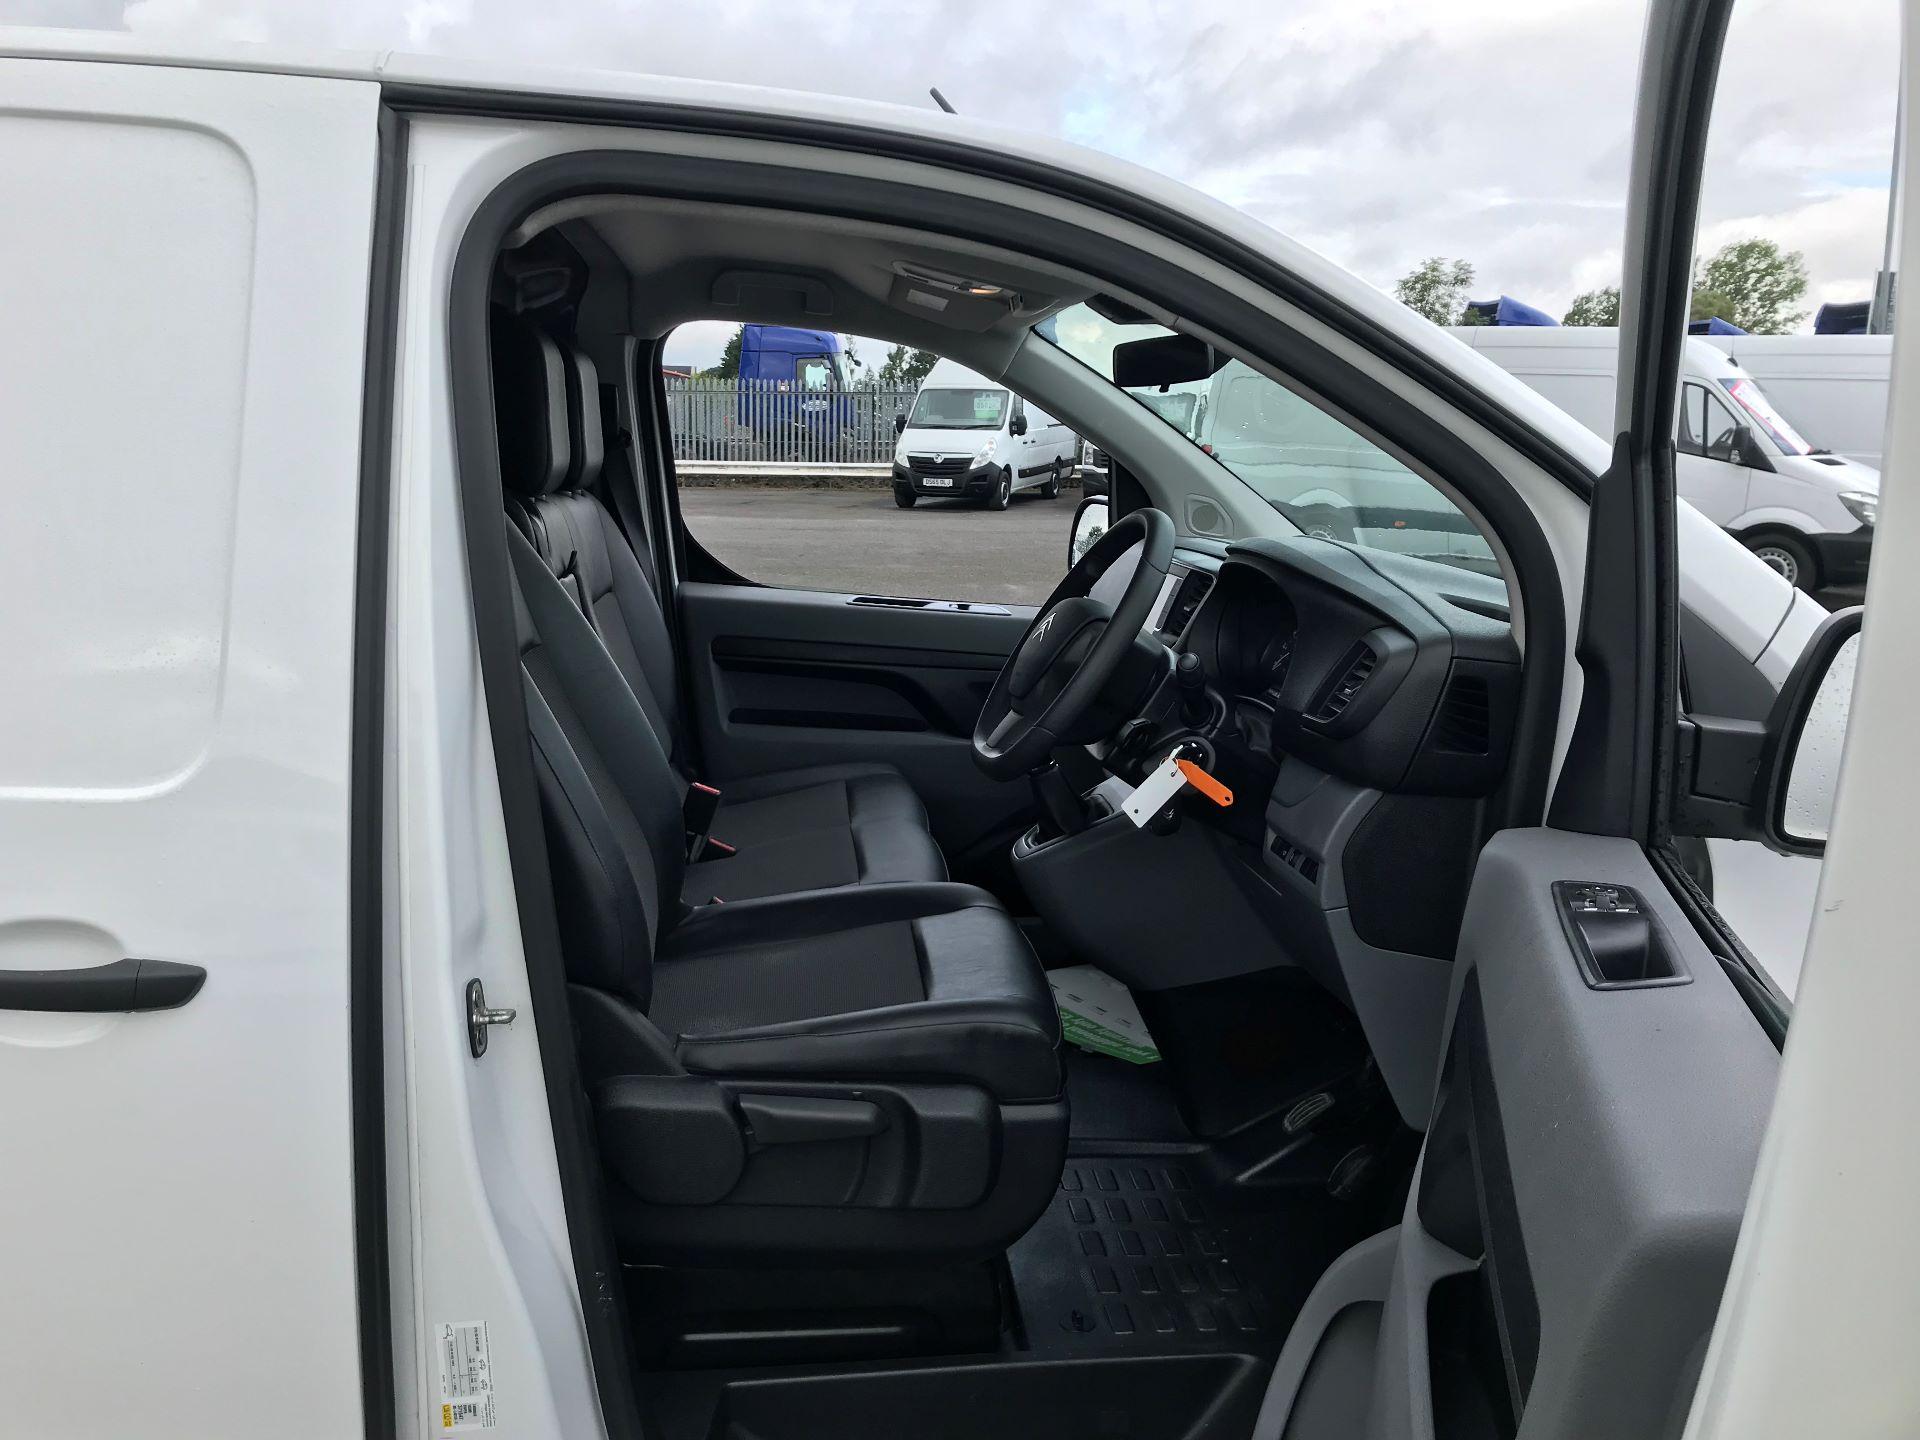 2018 Citroen Dispatch 1200 1.6 Bluehdi 95 Van Enterprise (KM67RNV) Image 11